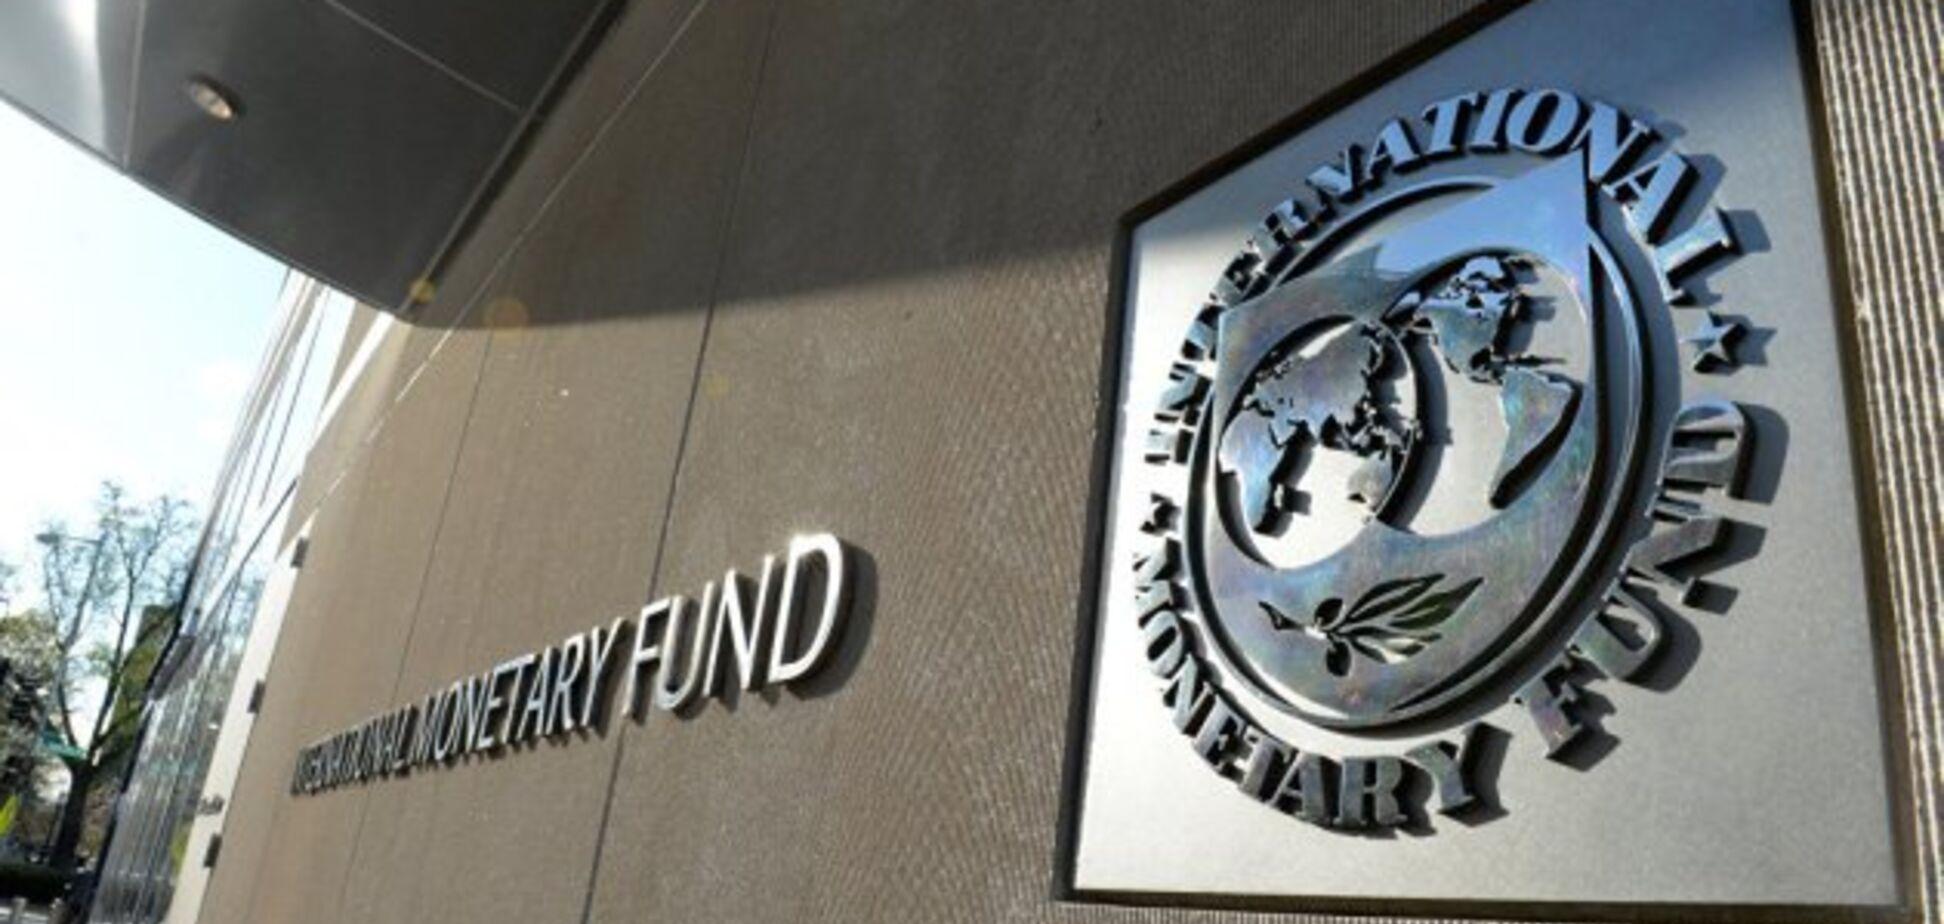 Хороших новостей нет: в МВФ предупредили о масштабных проблемах